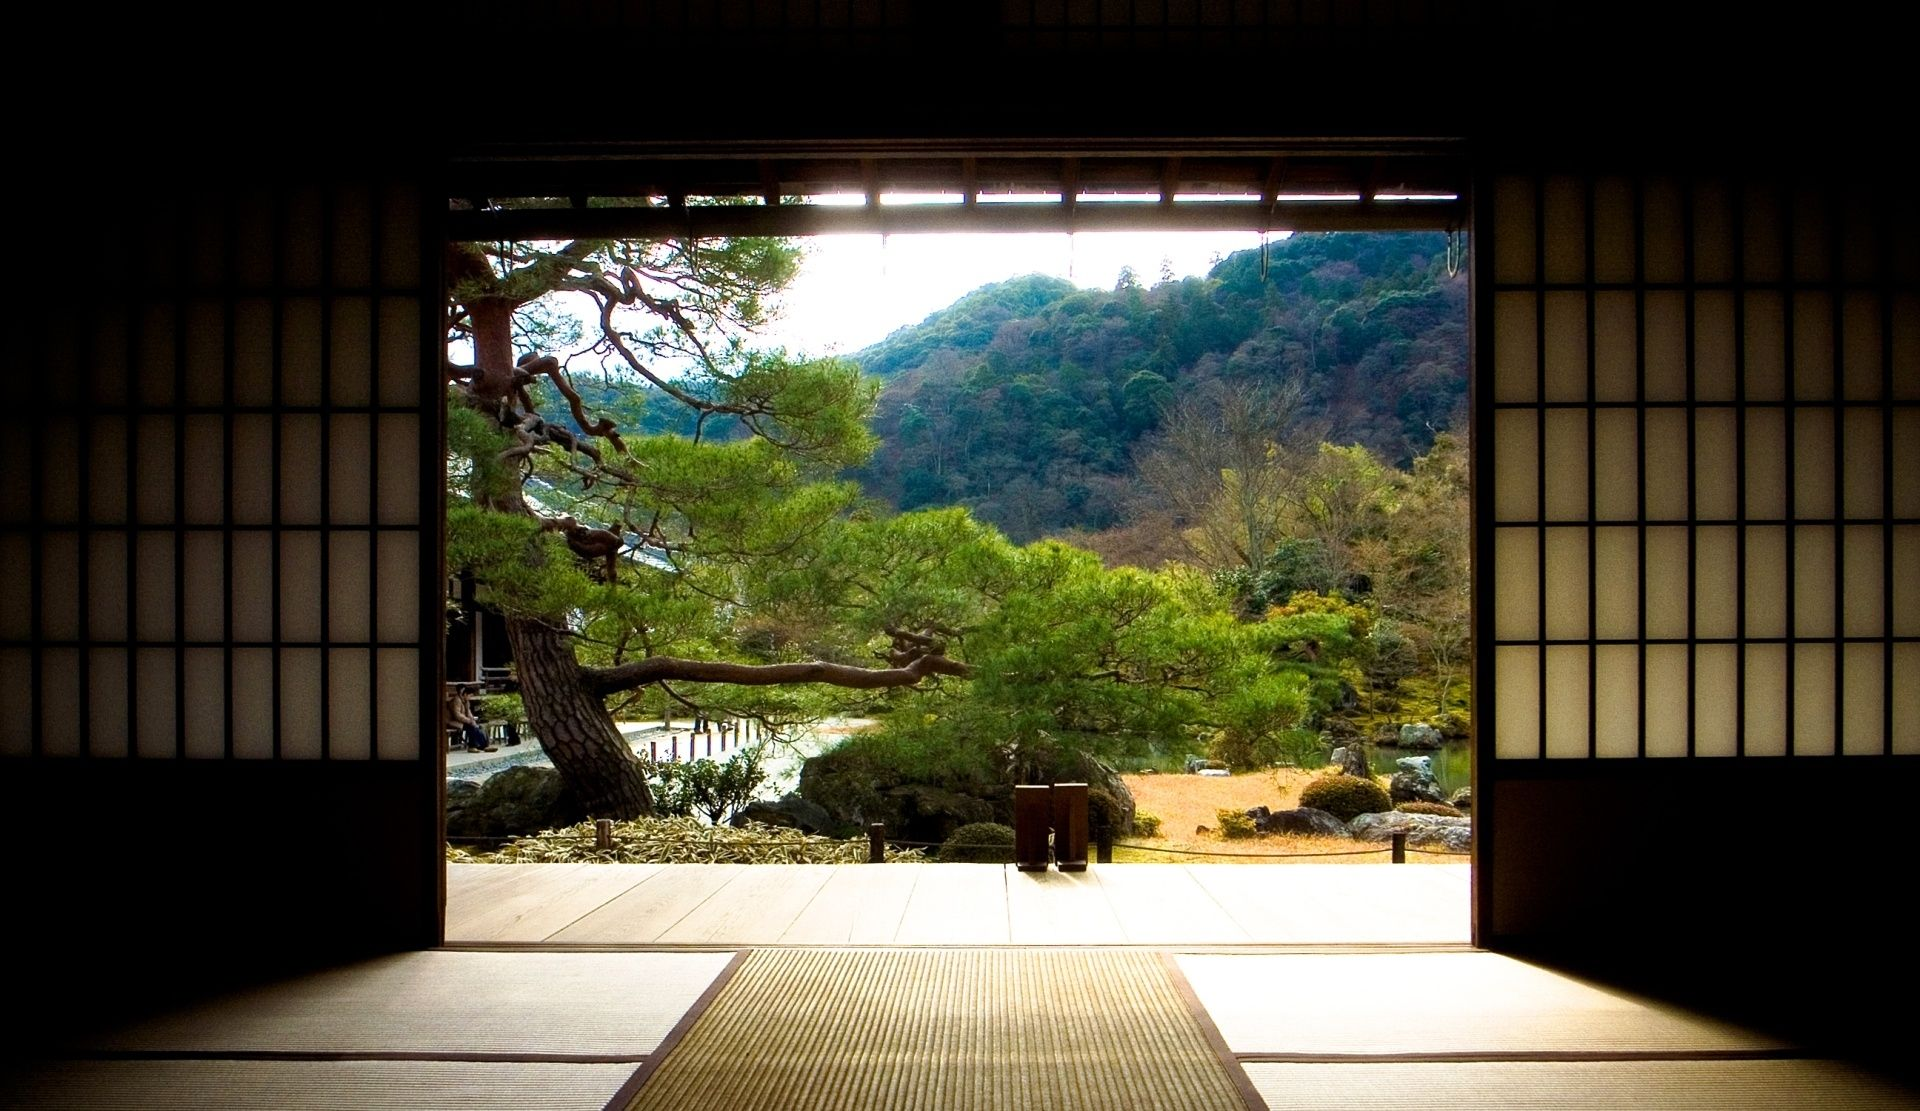 peace zen 1920x1111 wallpaper art hd wallpaper zen garden